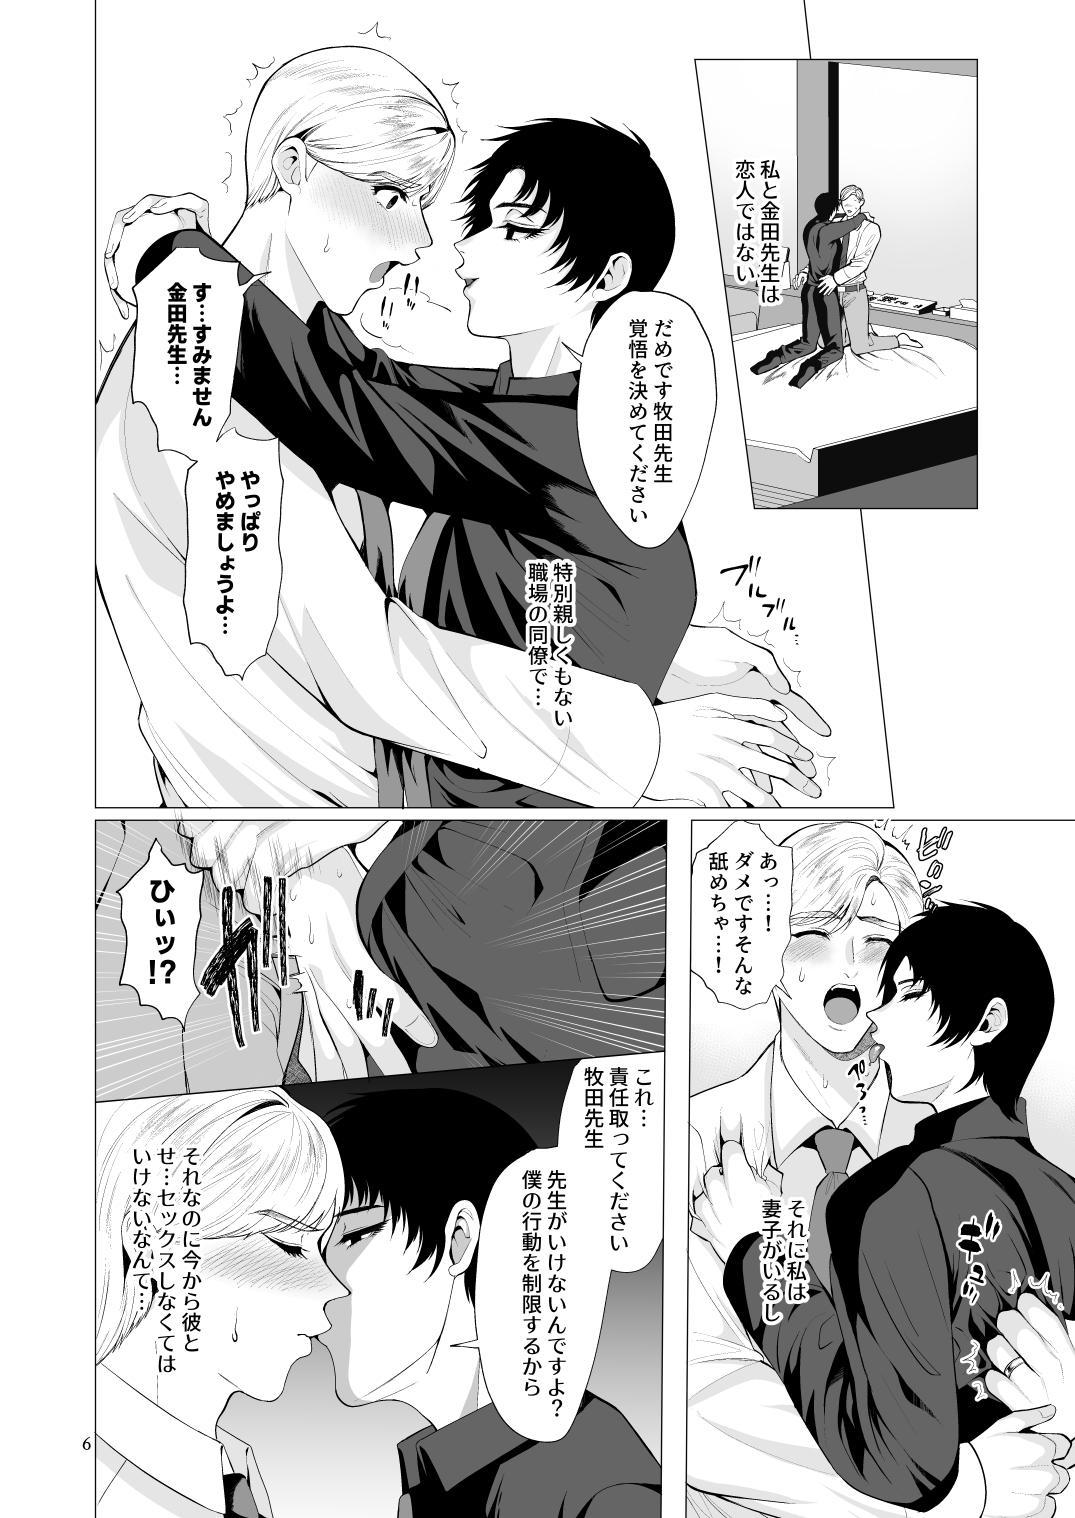 Kyozou no Sugata wa Chichi ni Nite iru 4